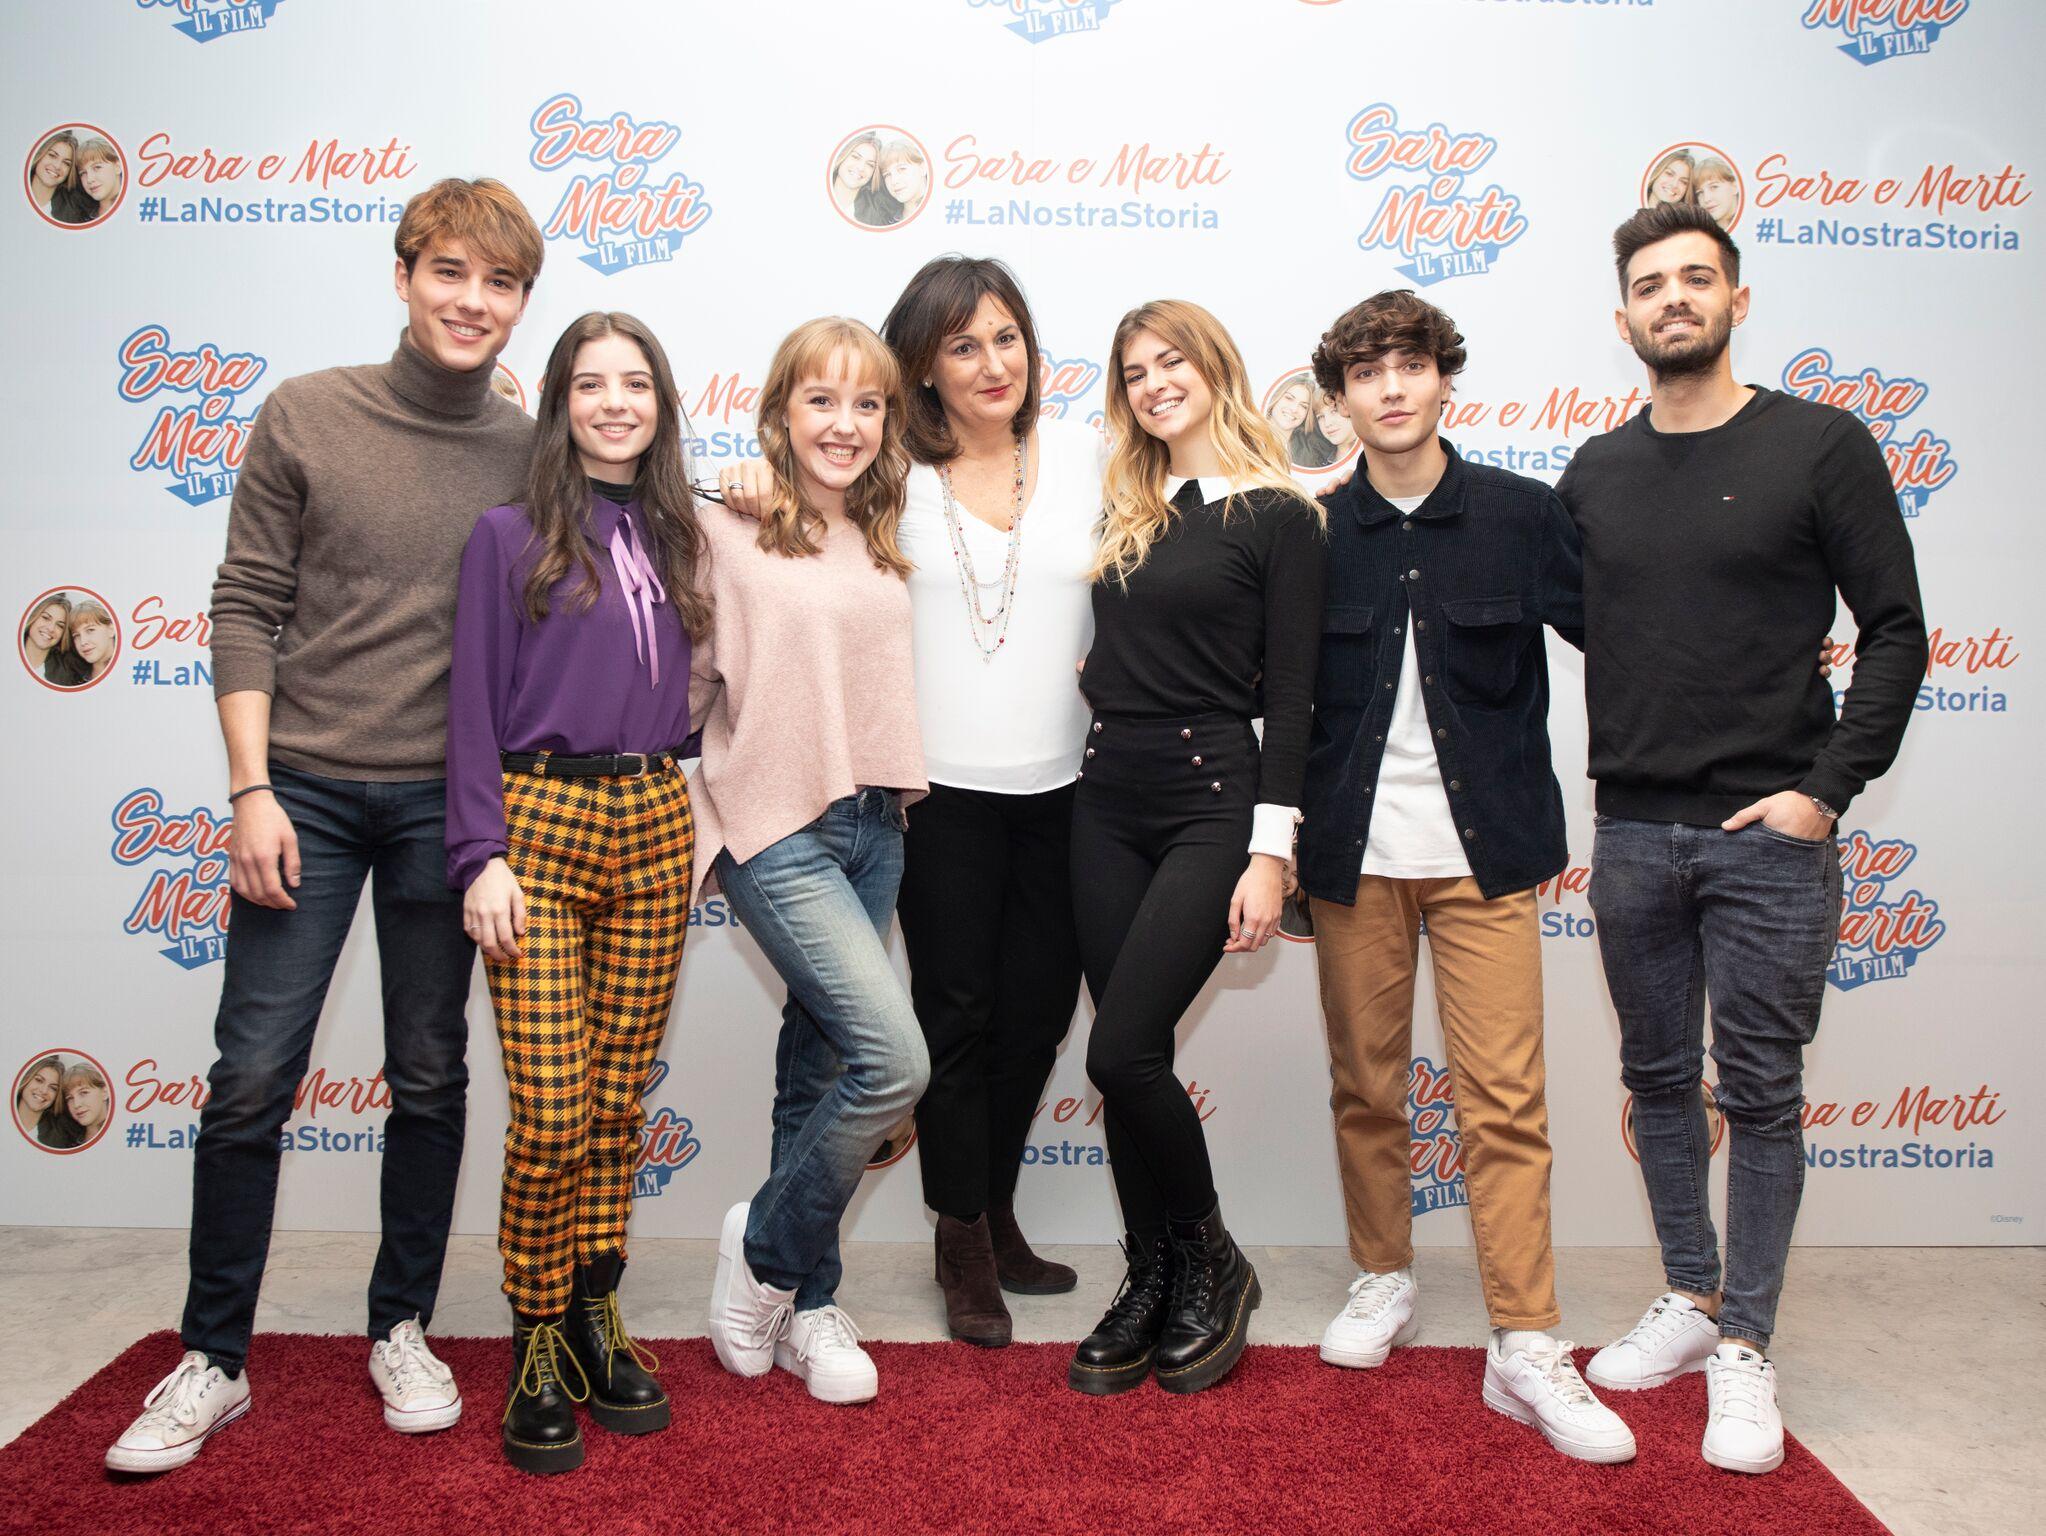 Sara e Marti: in arrivo la seconda stagione e un film per le star di Disney Channel thumbnail